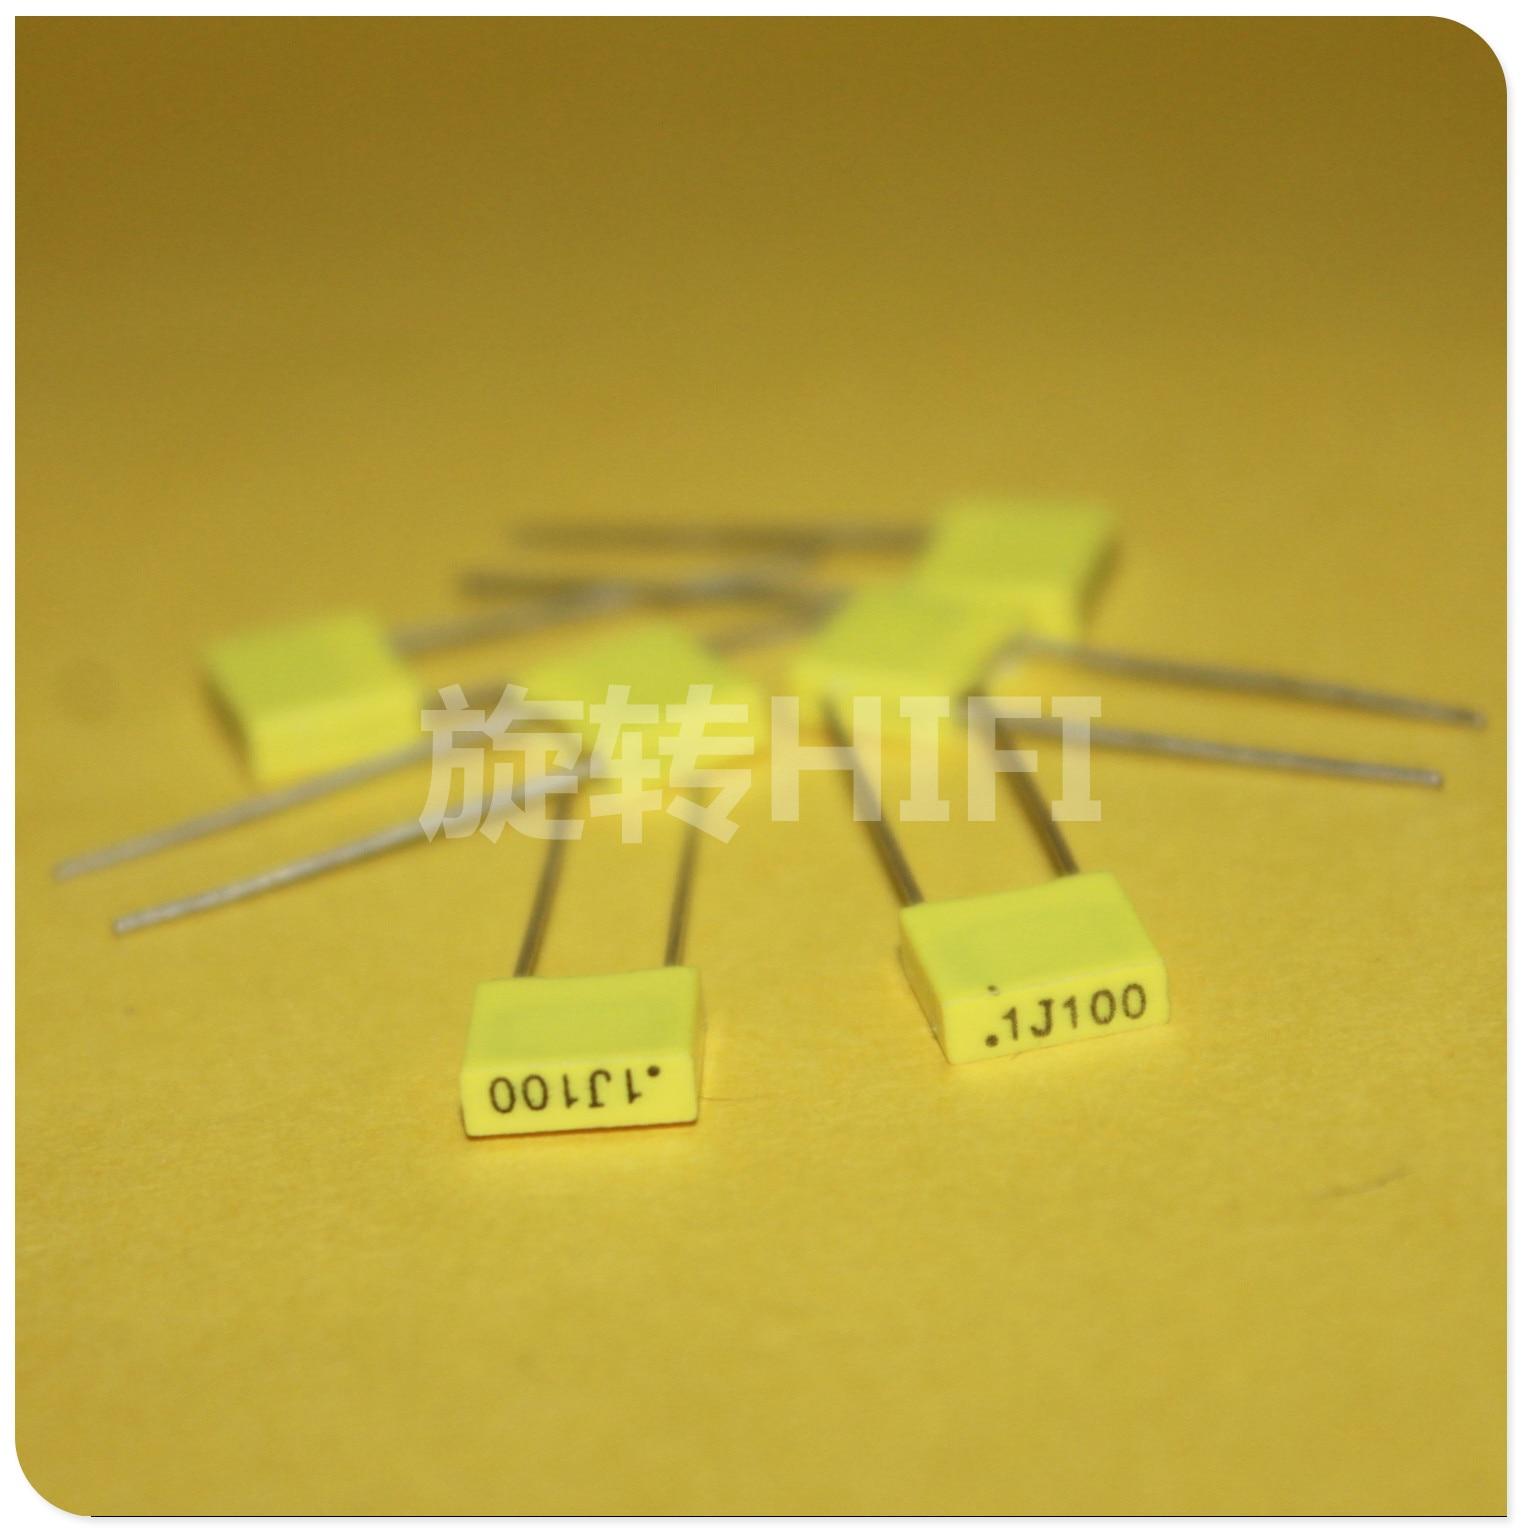 50PCS AV R82 100NF 100V P5MM Copper Film Capacitor KEMET 104/100V MKT 0.1UF 100N Italy Arcotronics 0.1uF/100V Yellow